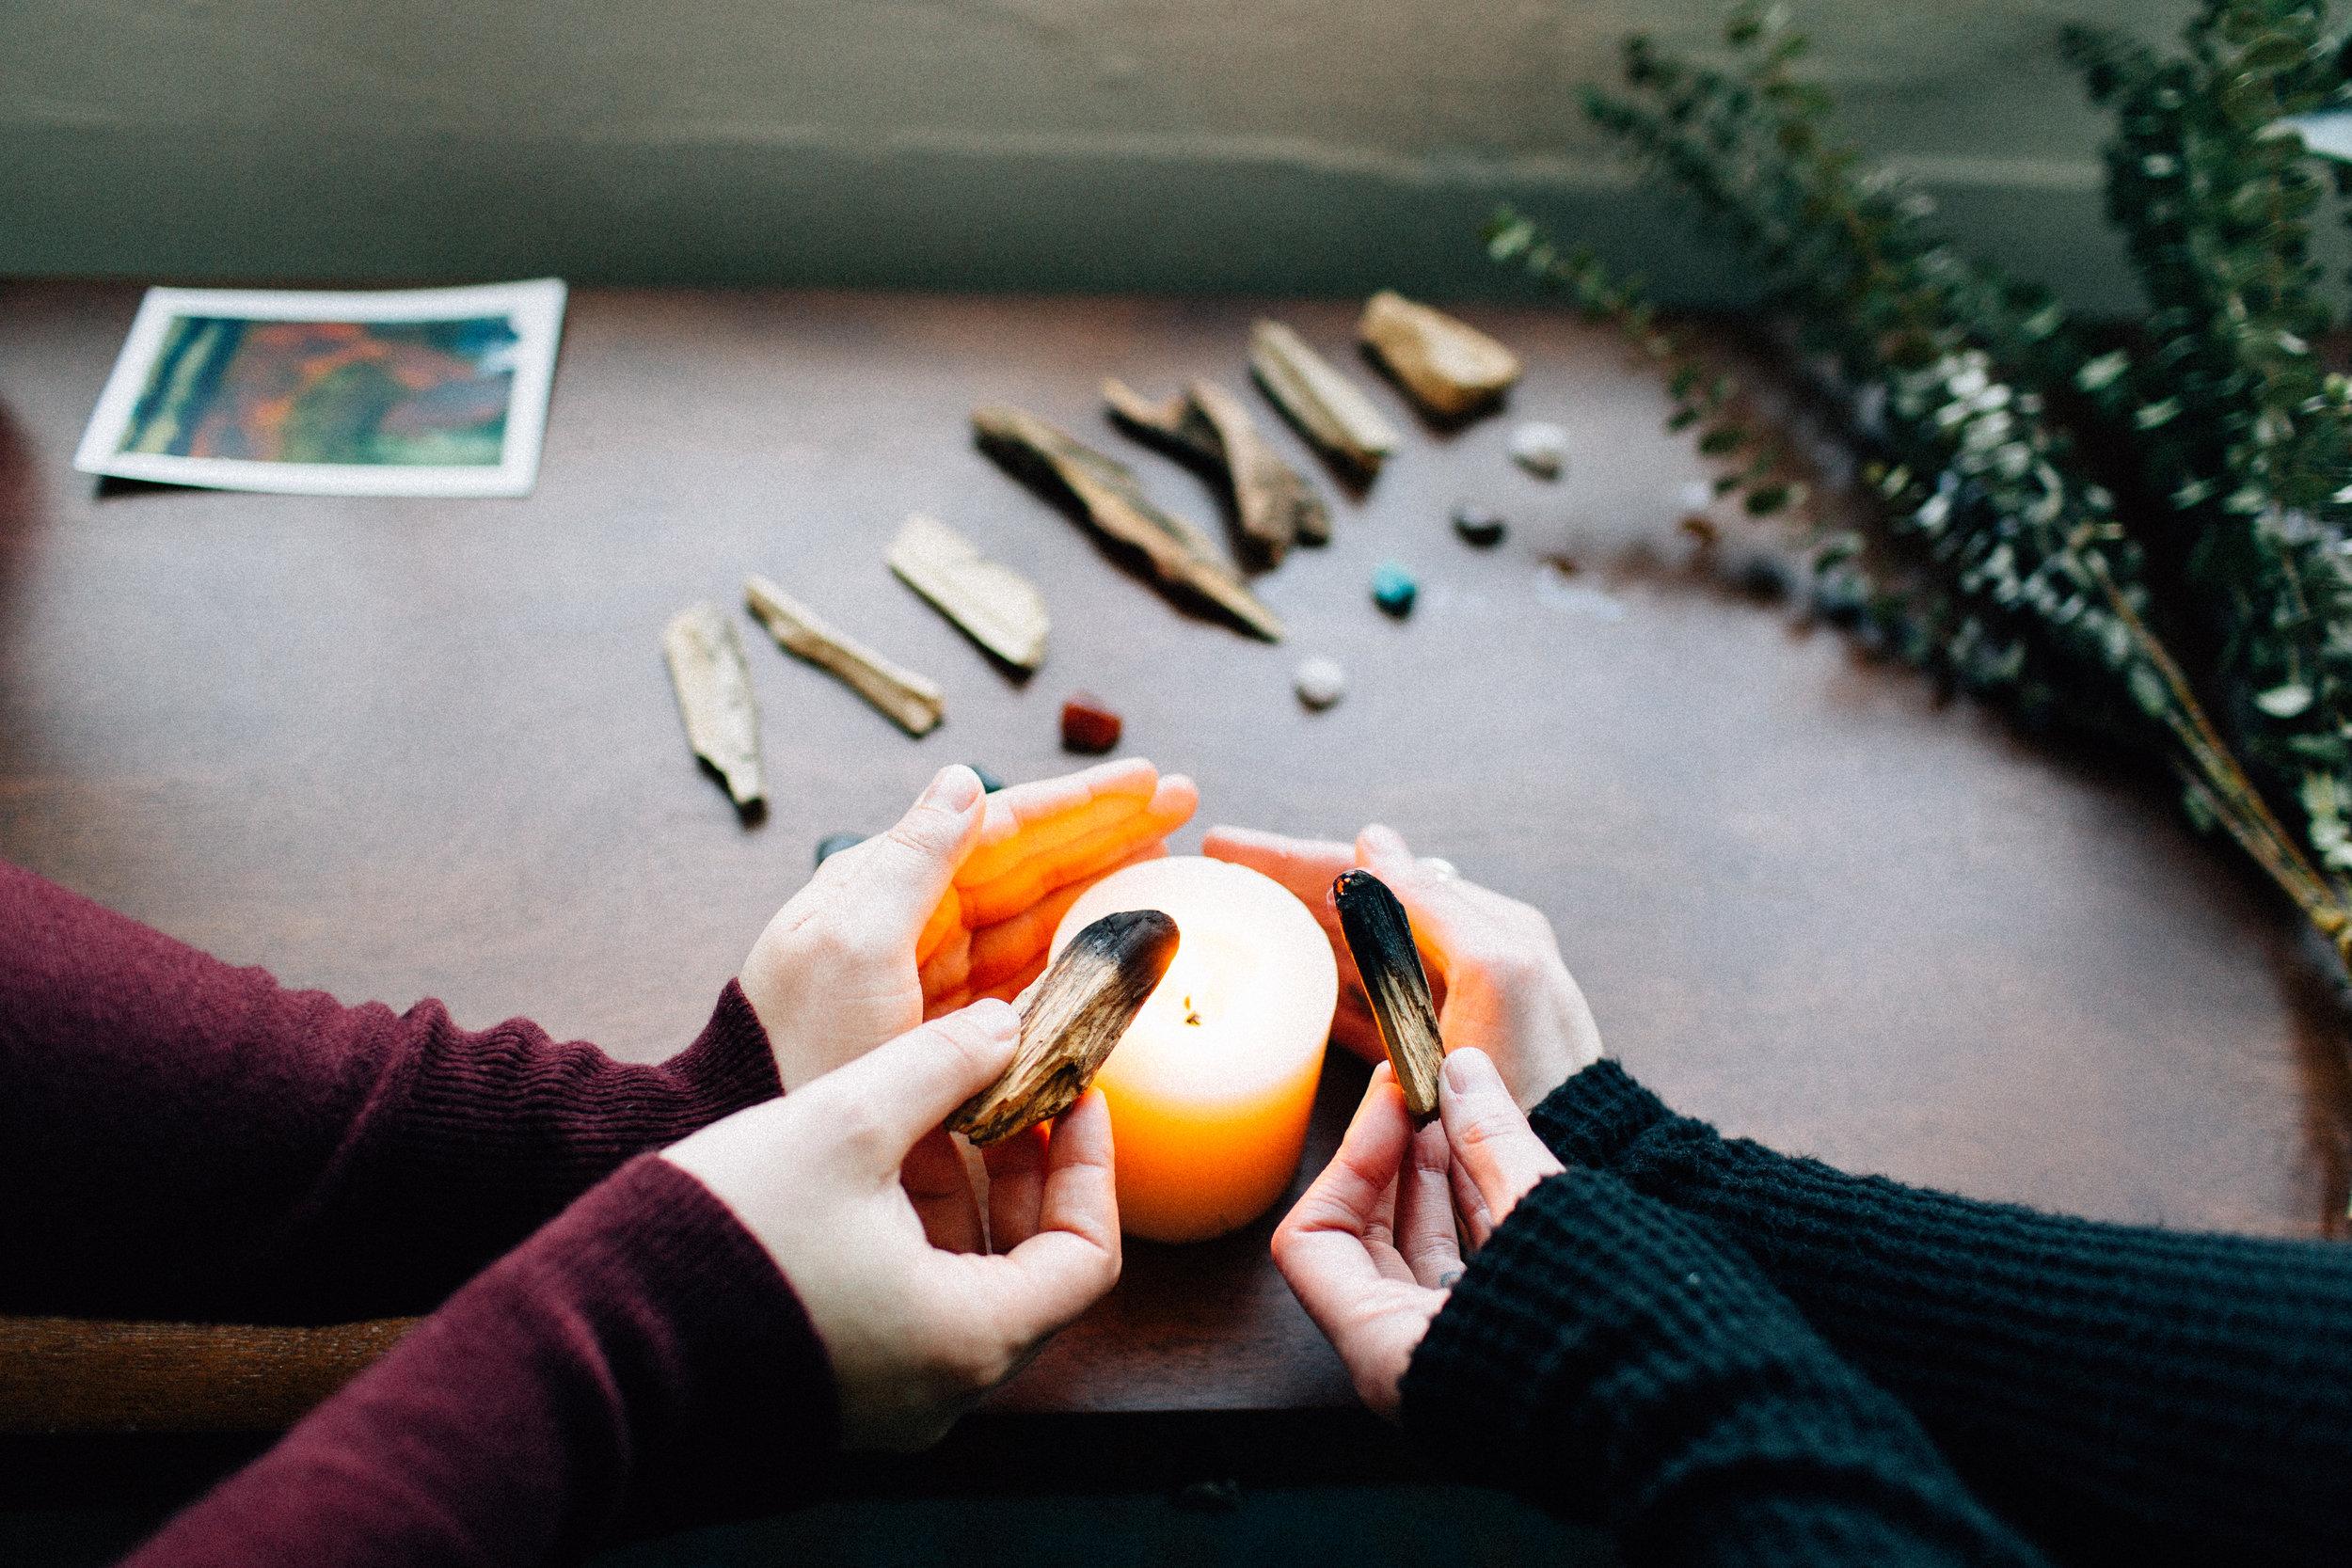 Ipseity Incandescent Healing Studio Reiki Session; Photo by Kendall Lauren www.kendalllauren.com